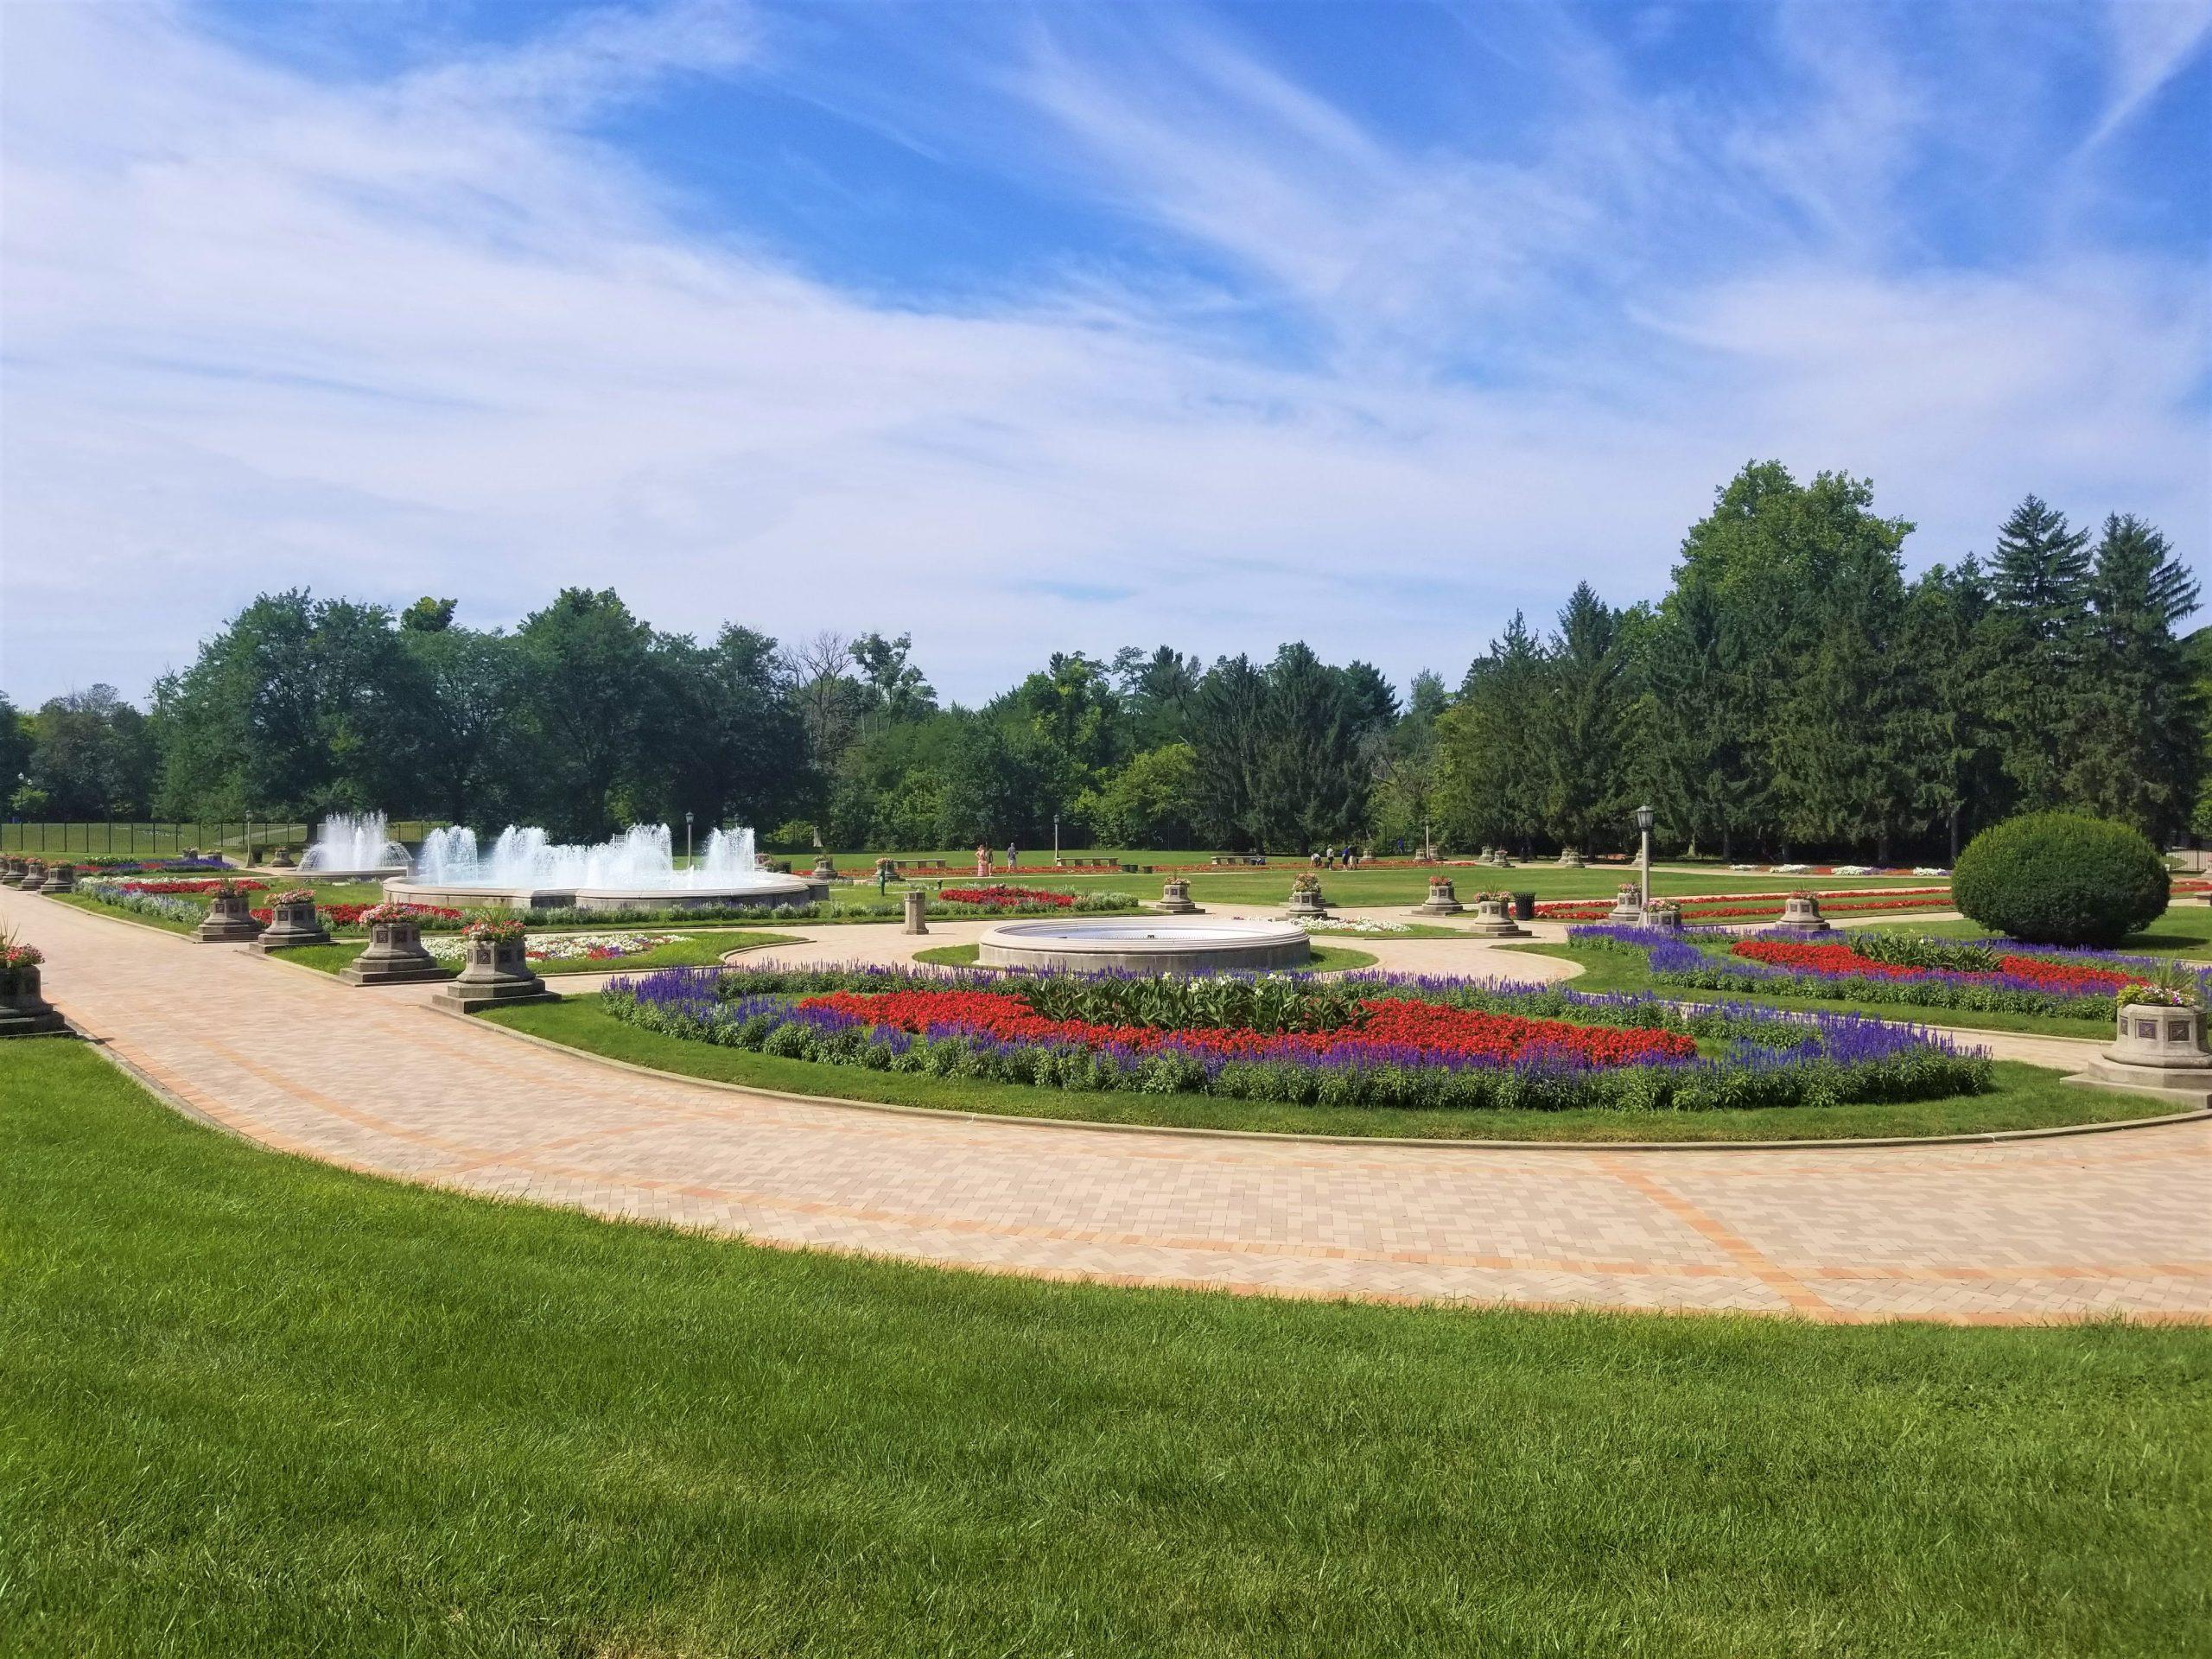 Garfield Park - Sunken Gardens